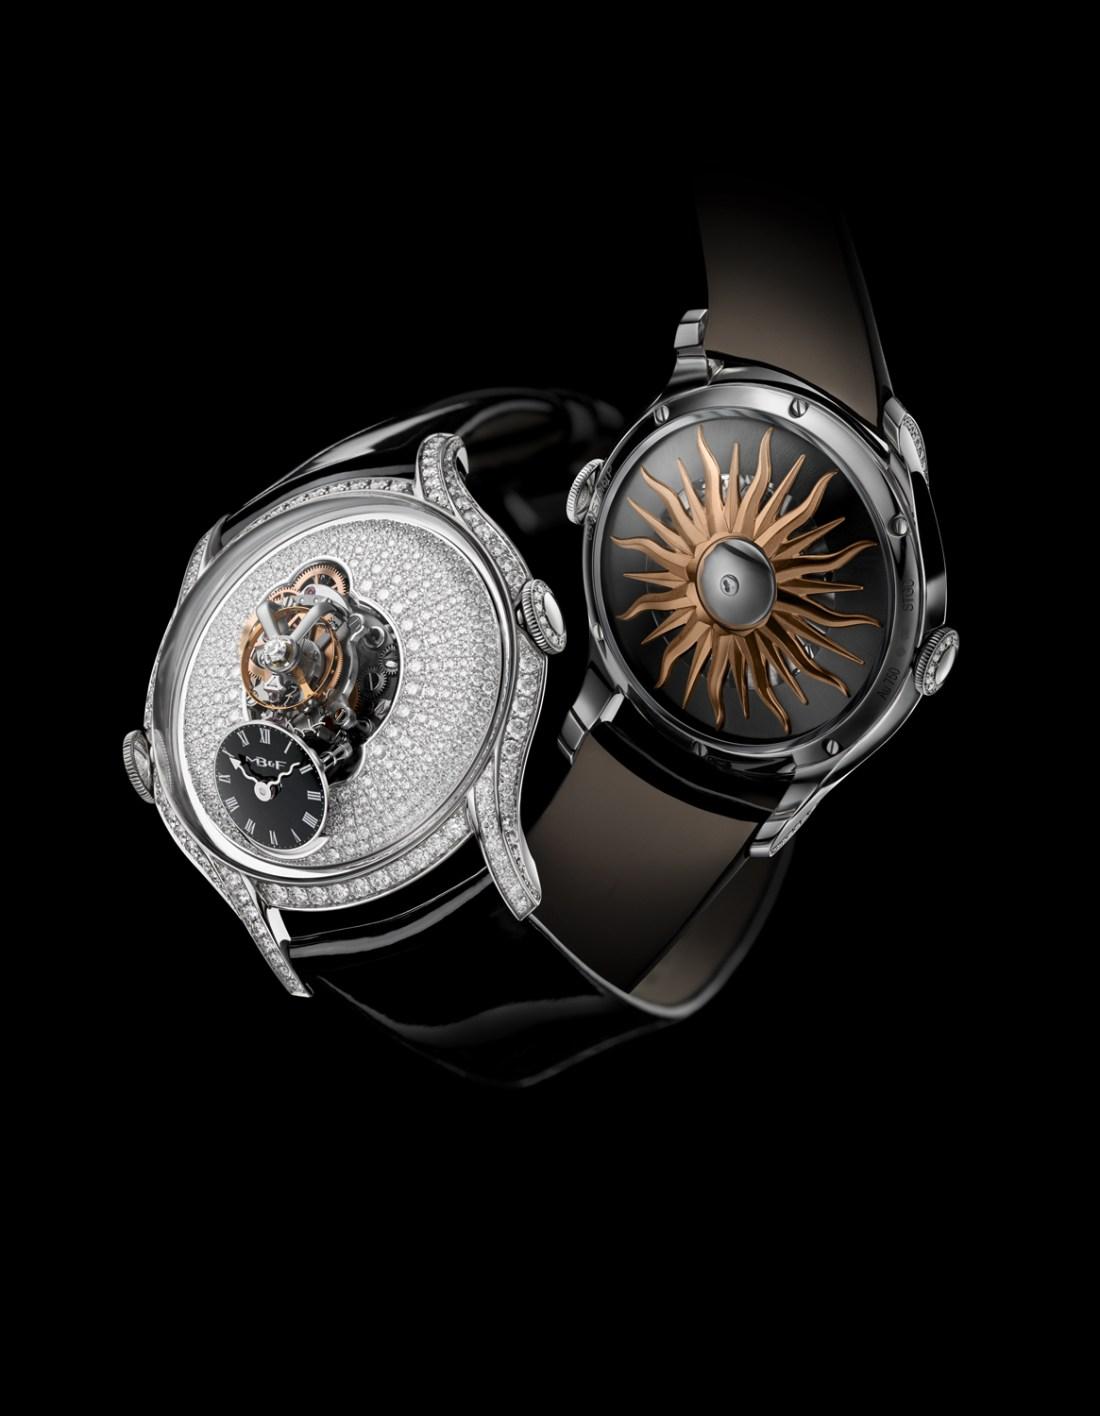 Reloj con correas negras y caratula con diamantes visto de frente y por detrás